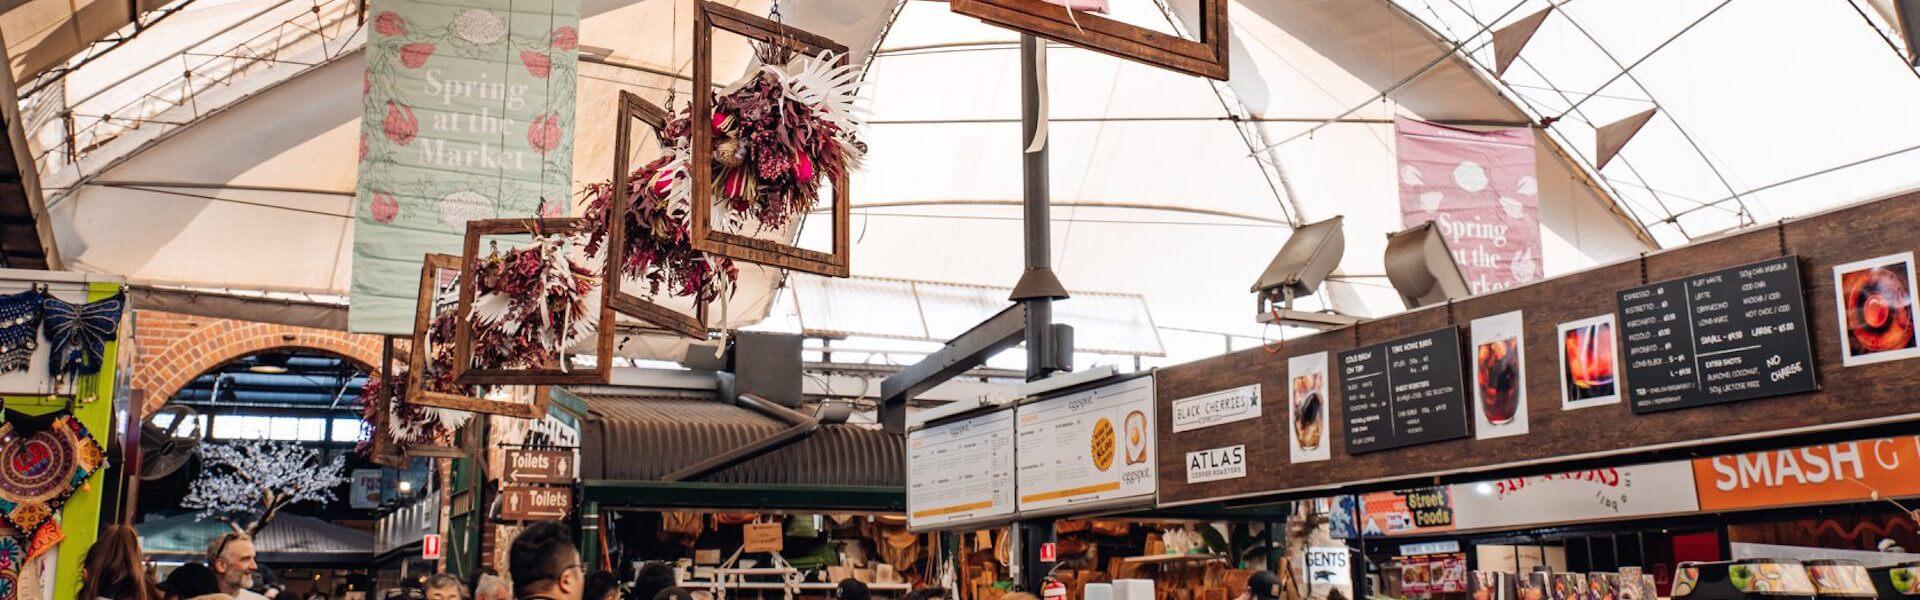 Market in Perth